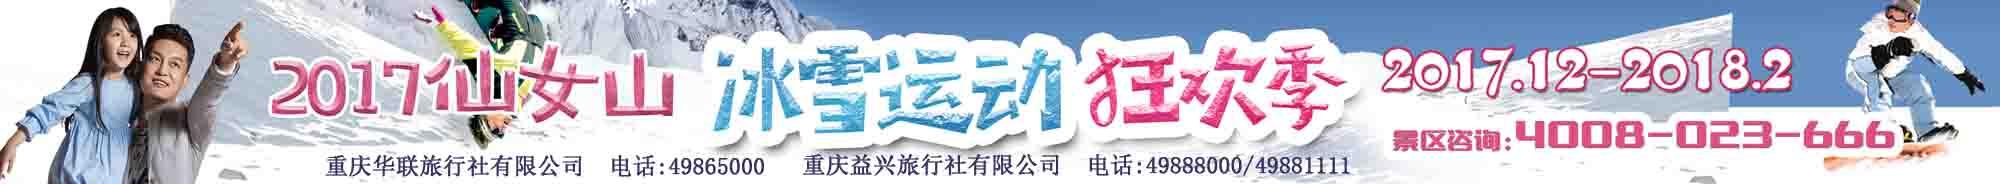 2017仙女山冰雪运动狂欢季